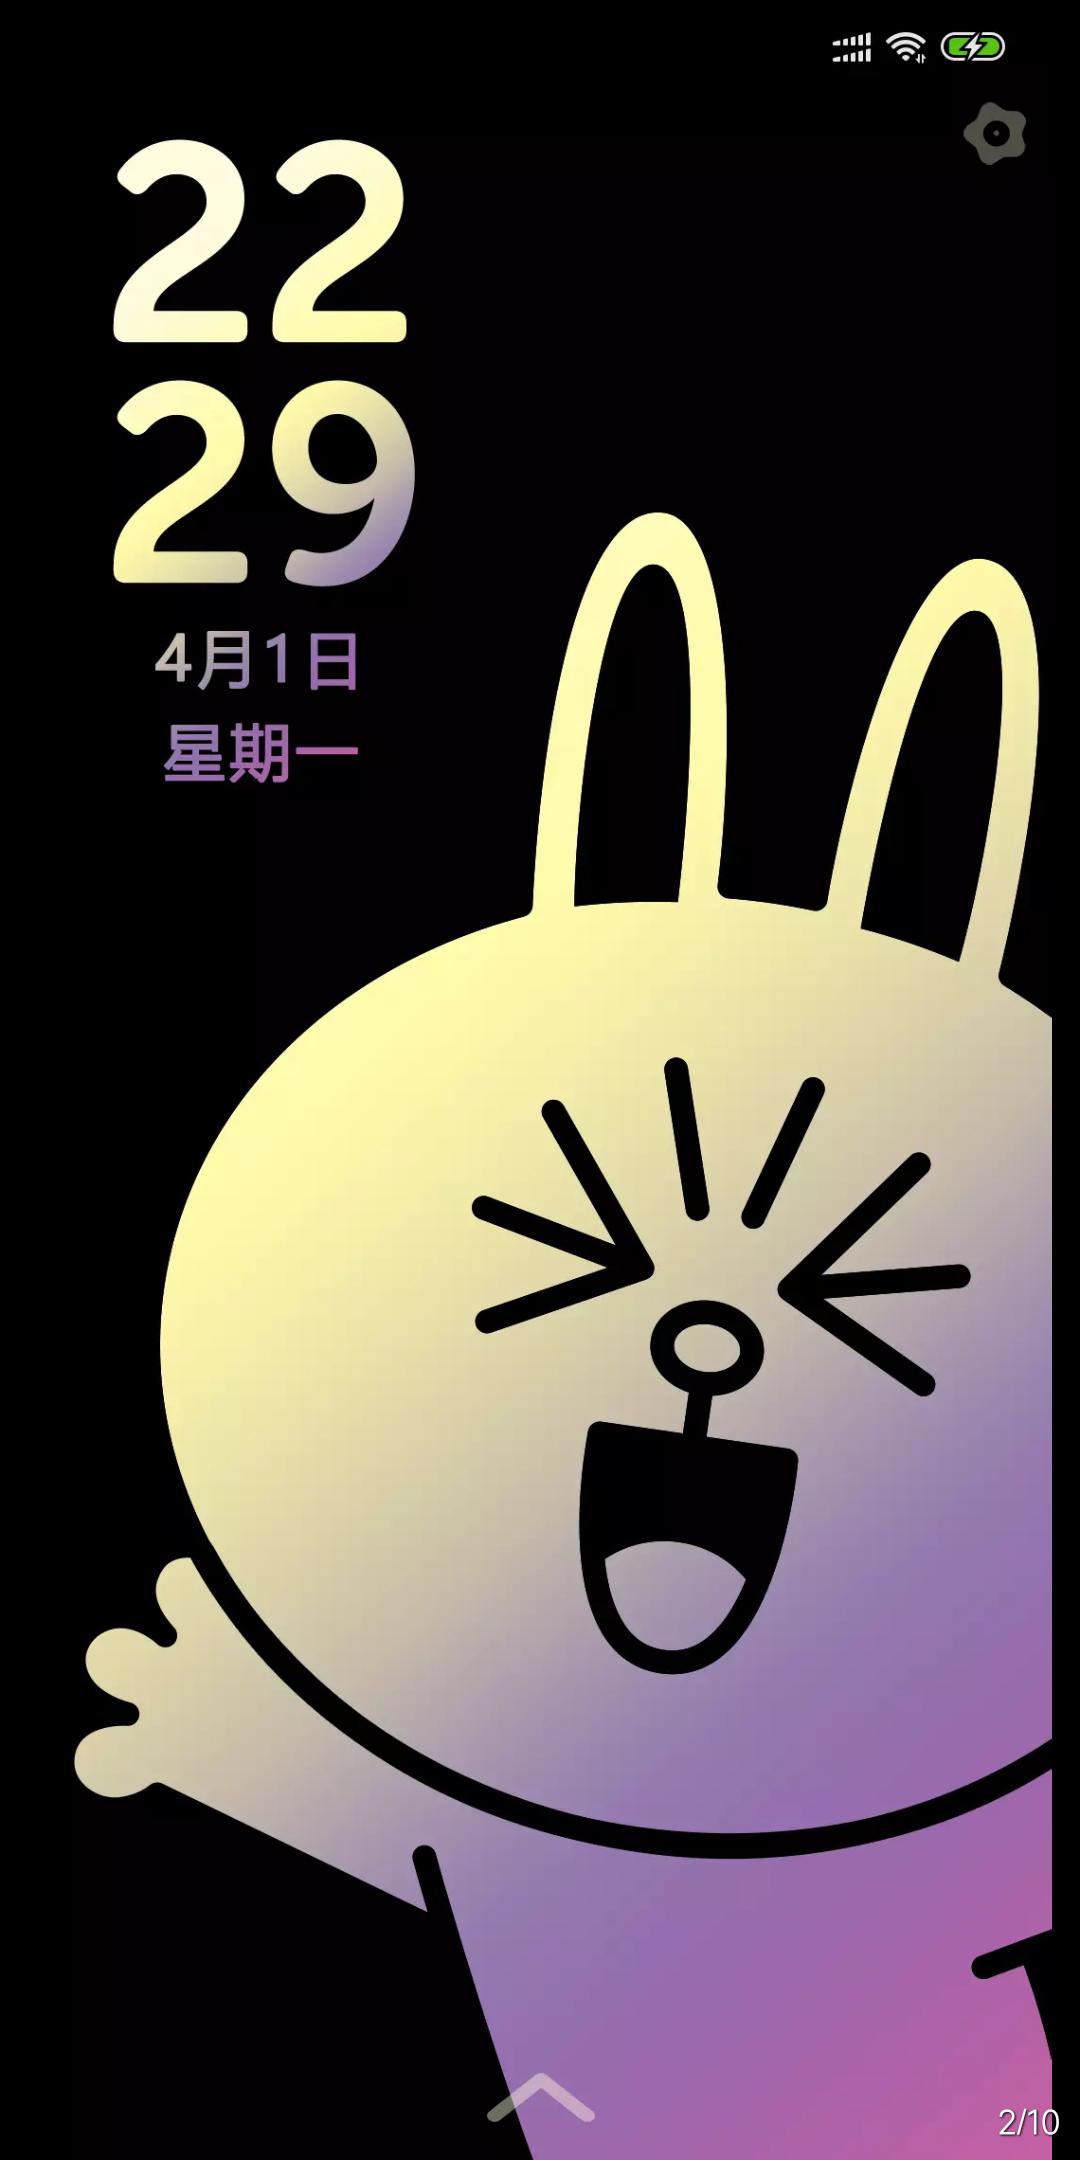 小米开放布朗熊定制主题:4月9日到4月15日限时免费下载-玩懂手机网 - 玩懂手机第一手的手机资讯网(www.wdshouji.com)